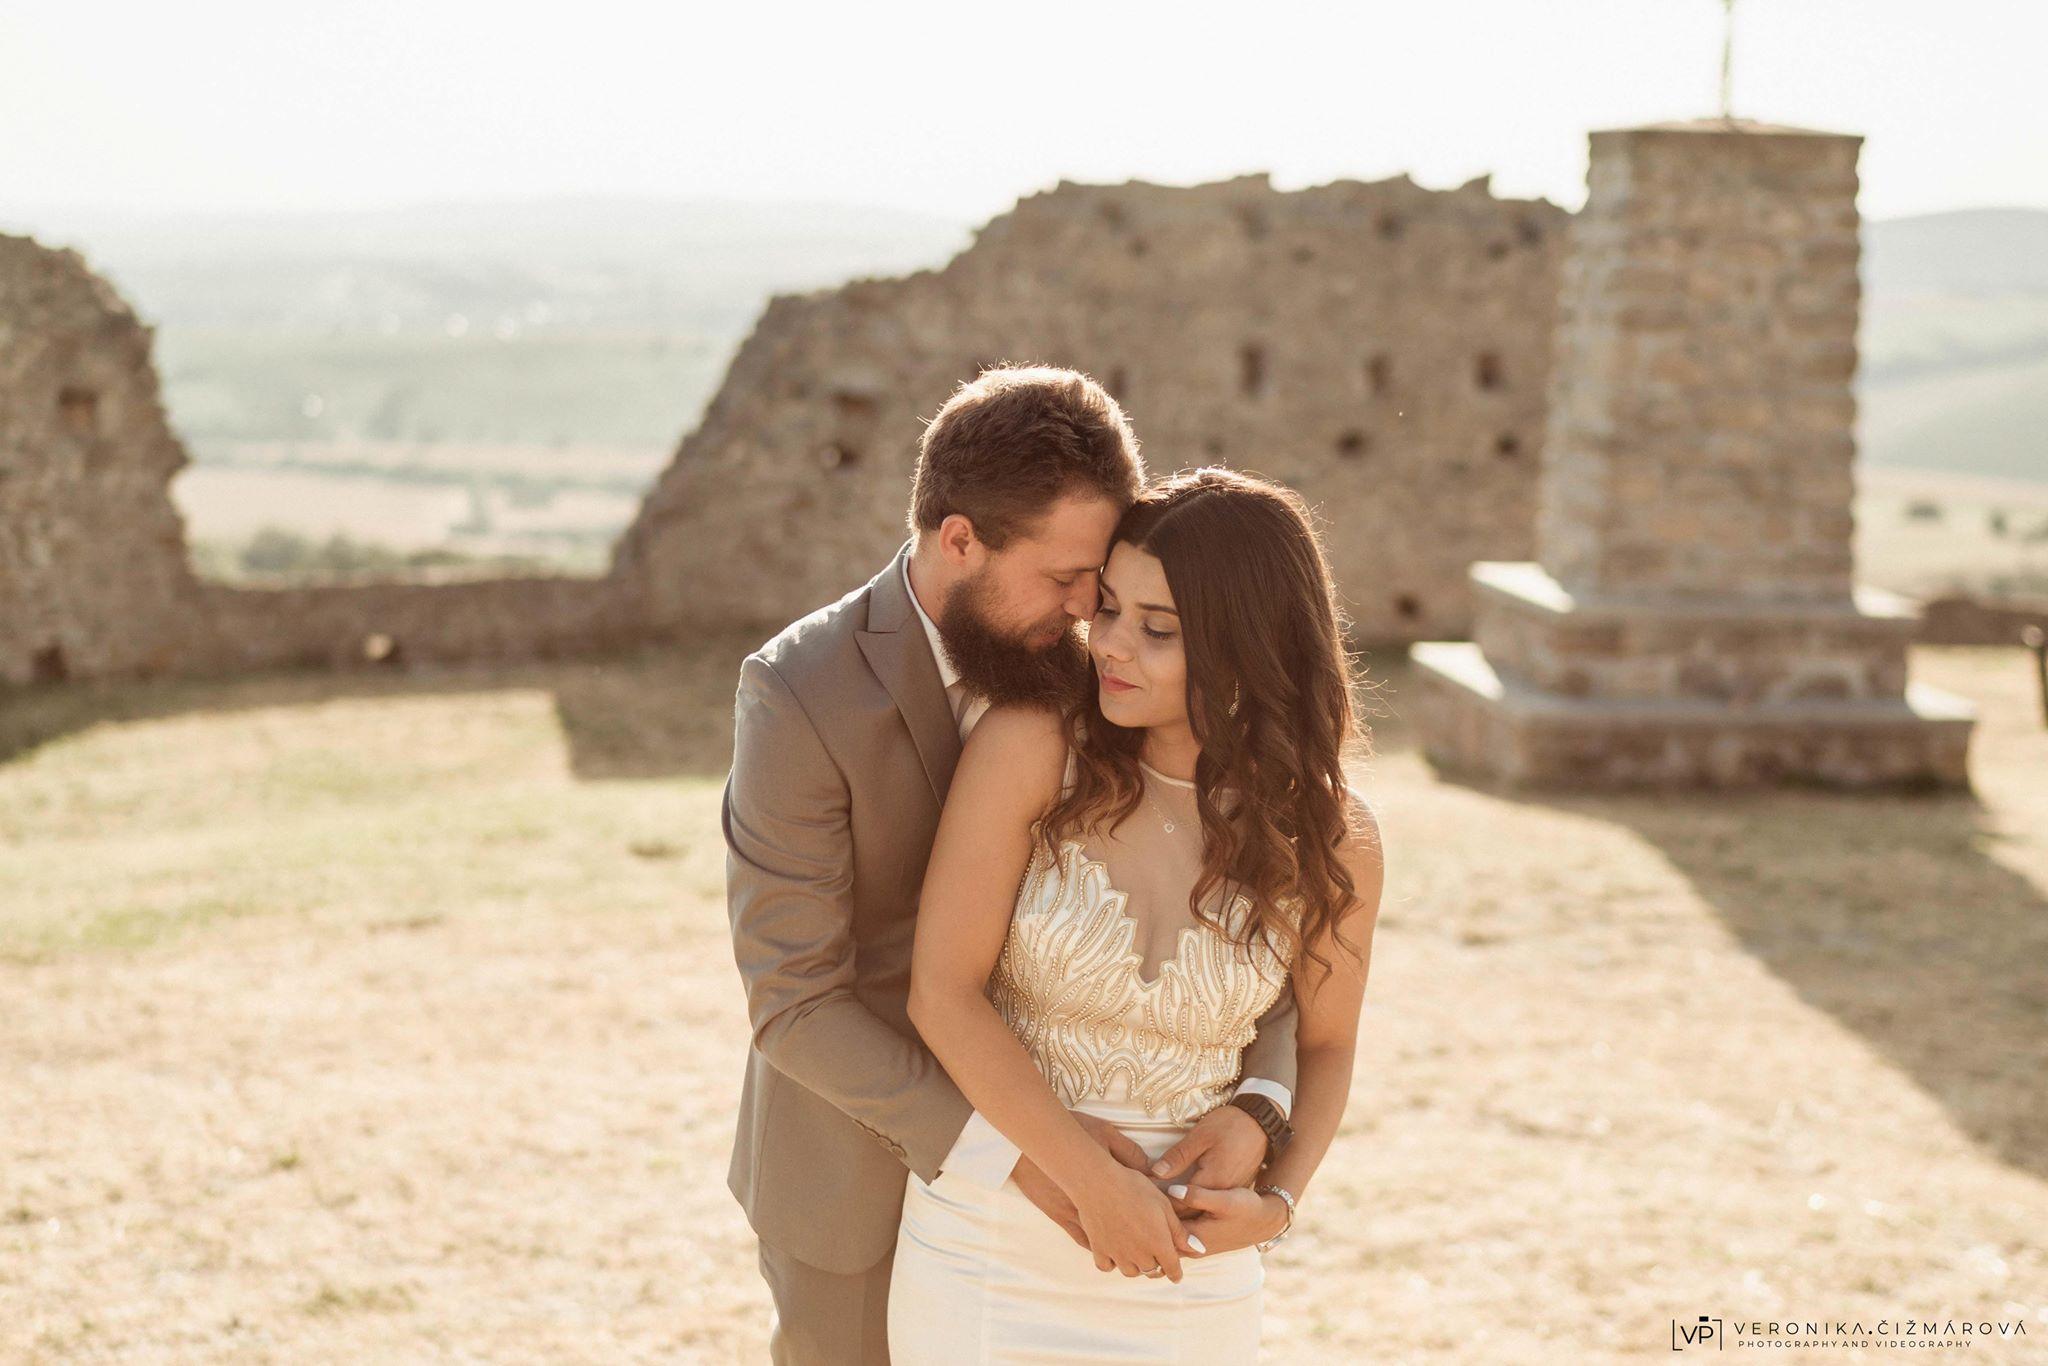 svadobne-fotenie-na-hradejpg